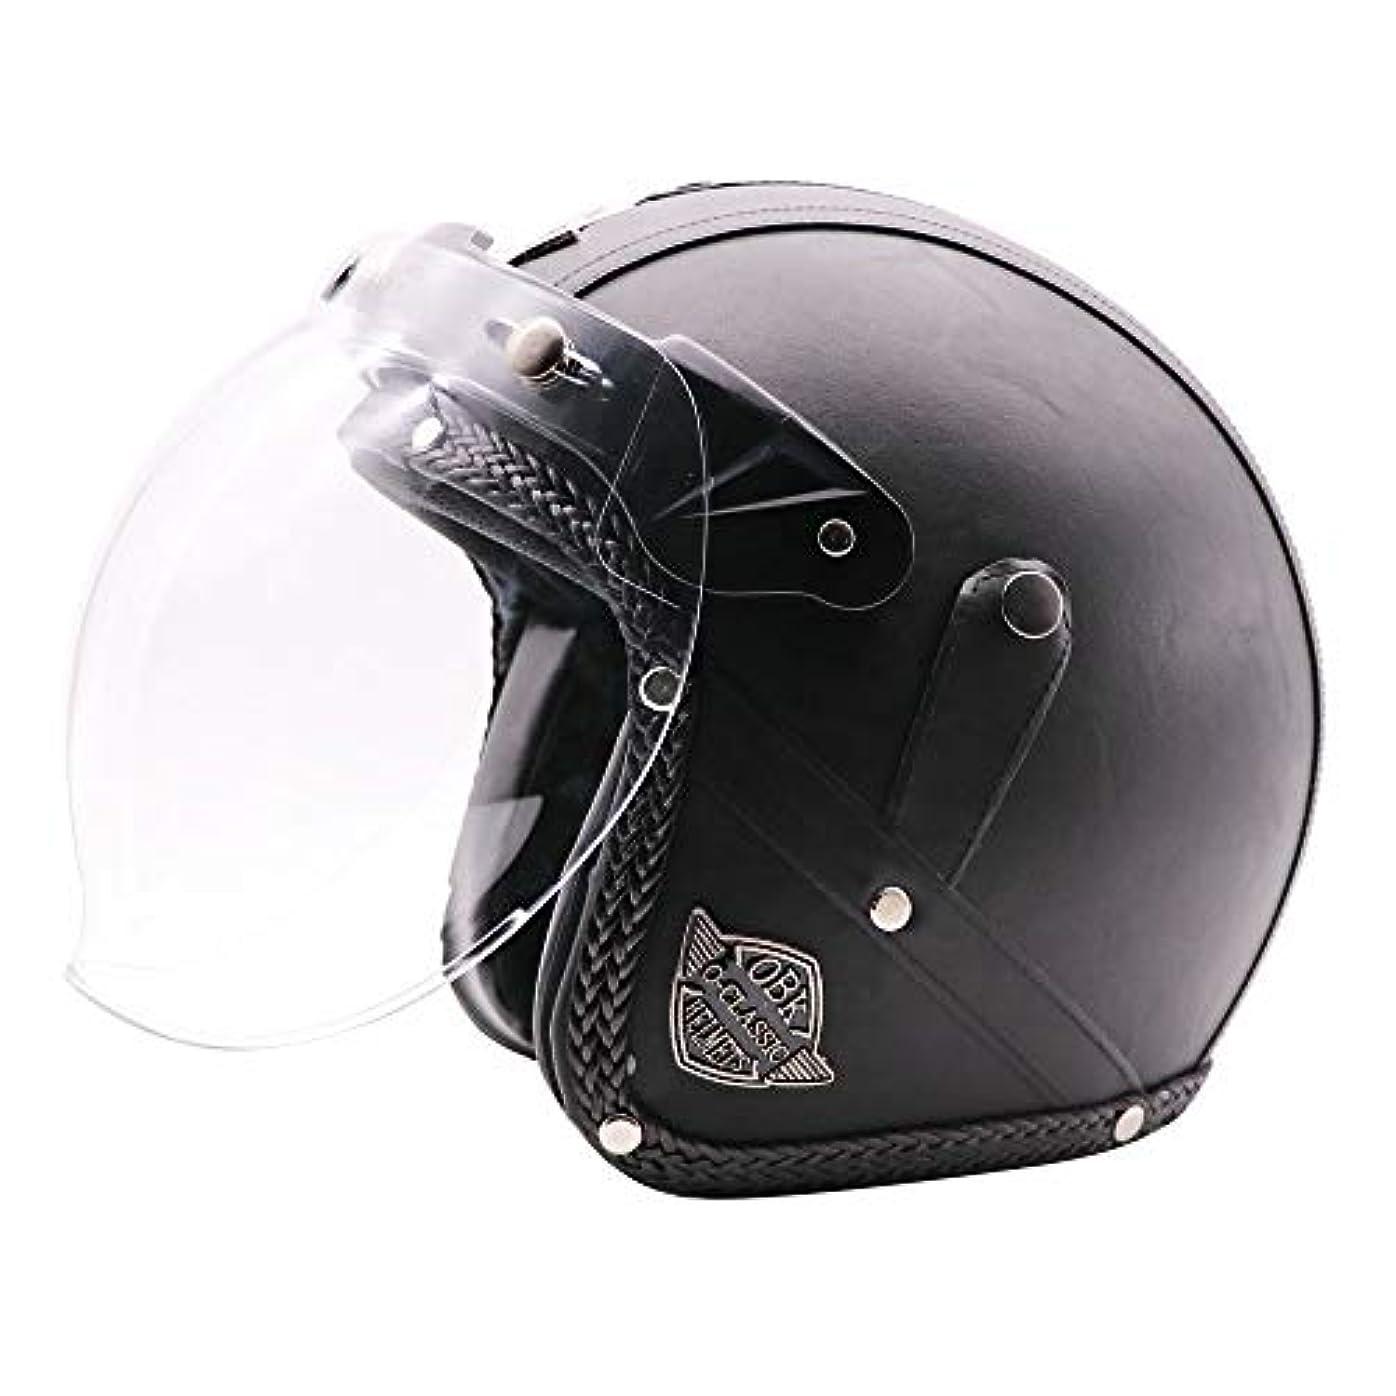 建設じゃがいもクレタTOMSSL高品質 男女兼用夏ハーレーオートバイヘルメット3/4革ヘルメット黒高品質革ハーフヘルメット TOMSSL高品質